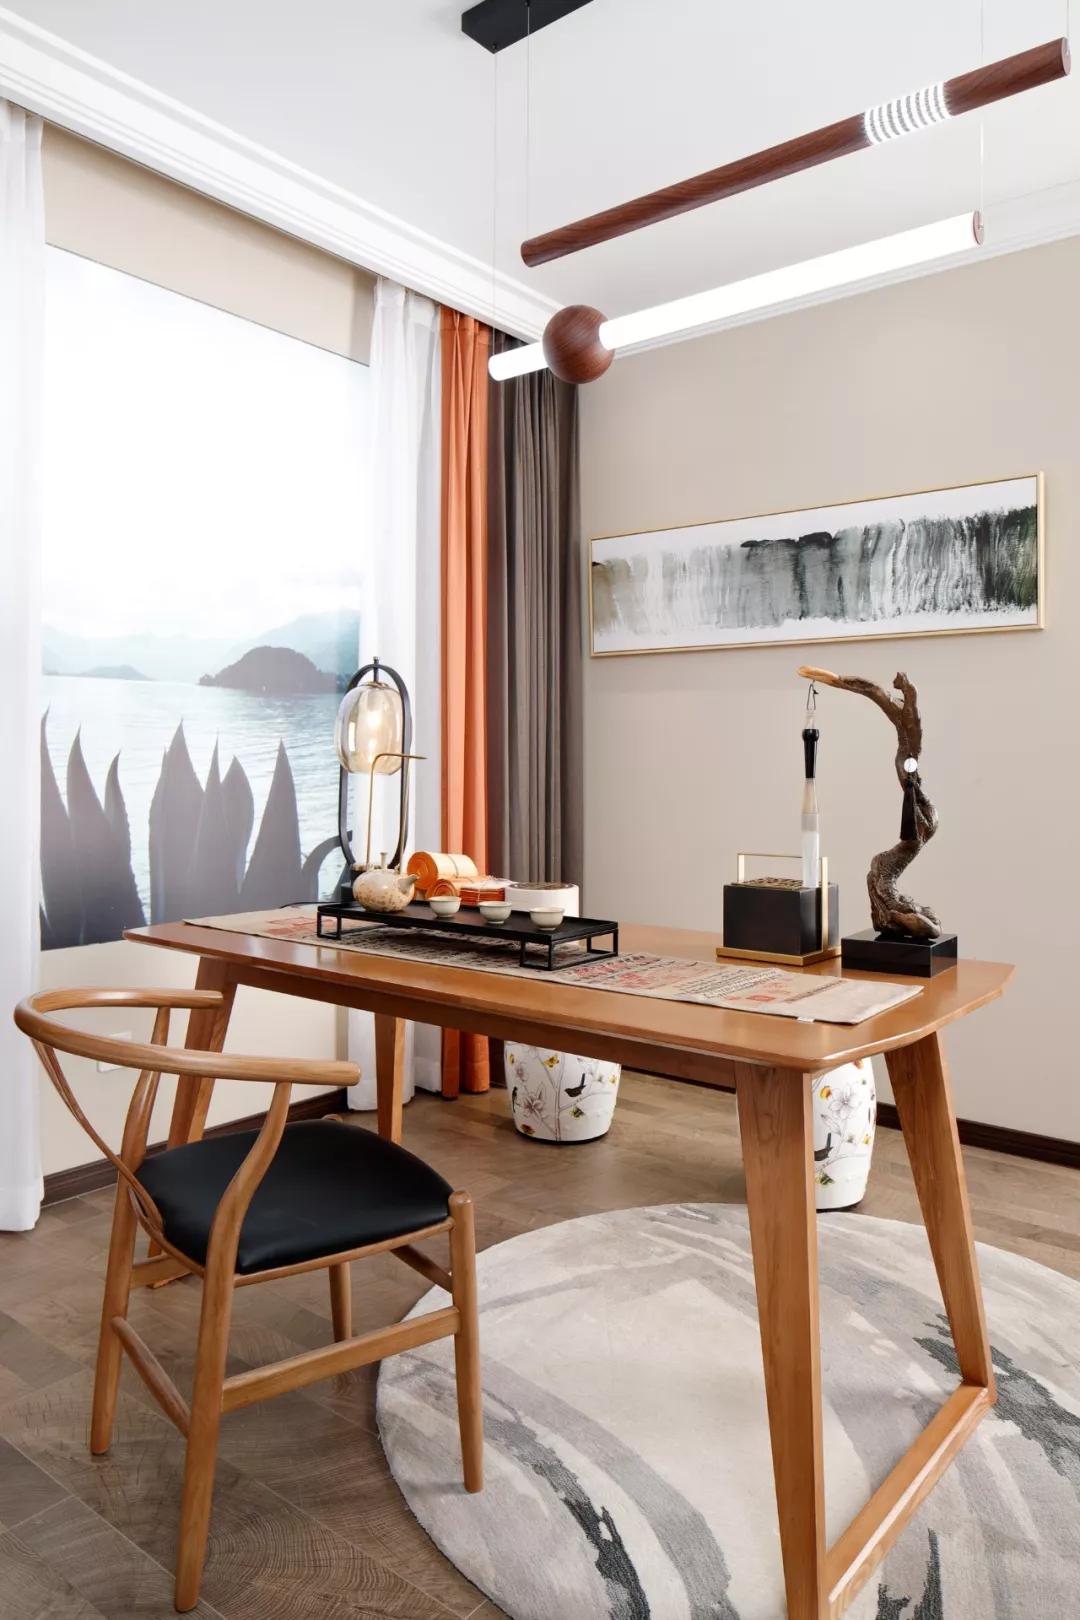 一张书桌,一把圈椅,一组茶香碗具,几卷文墨书画···中式书房的配置,不需太过繁重,简单尽享自在悠然。